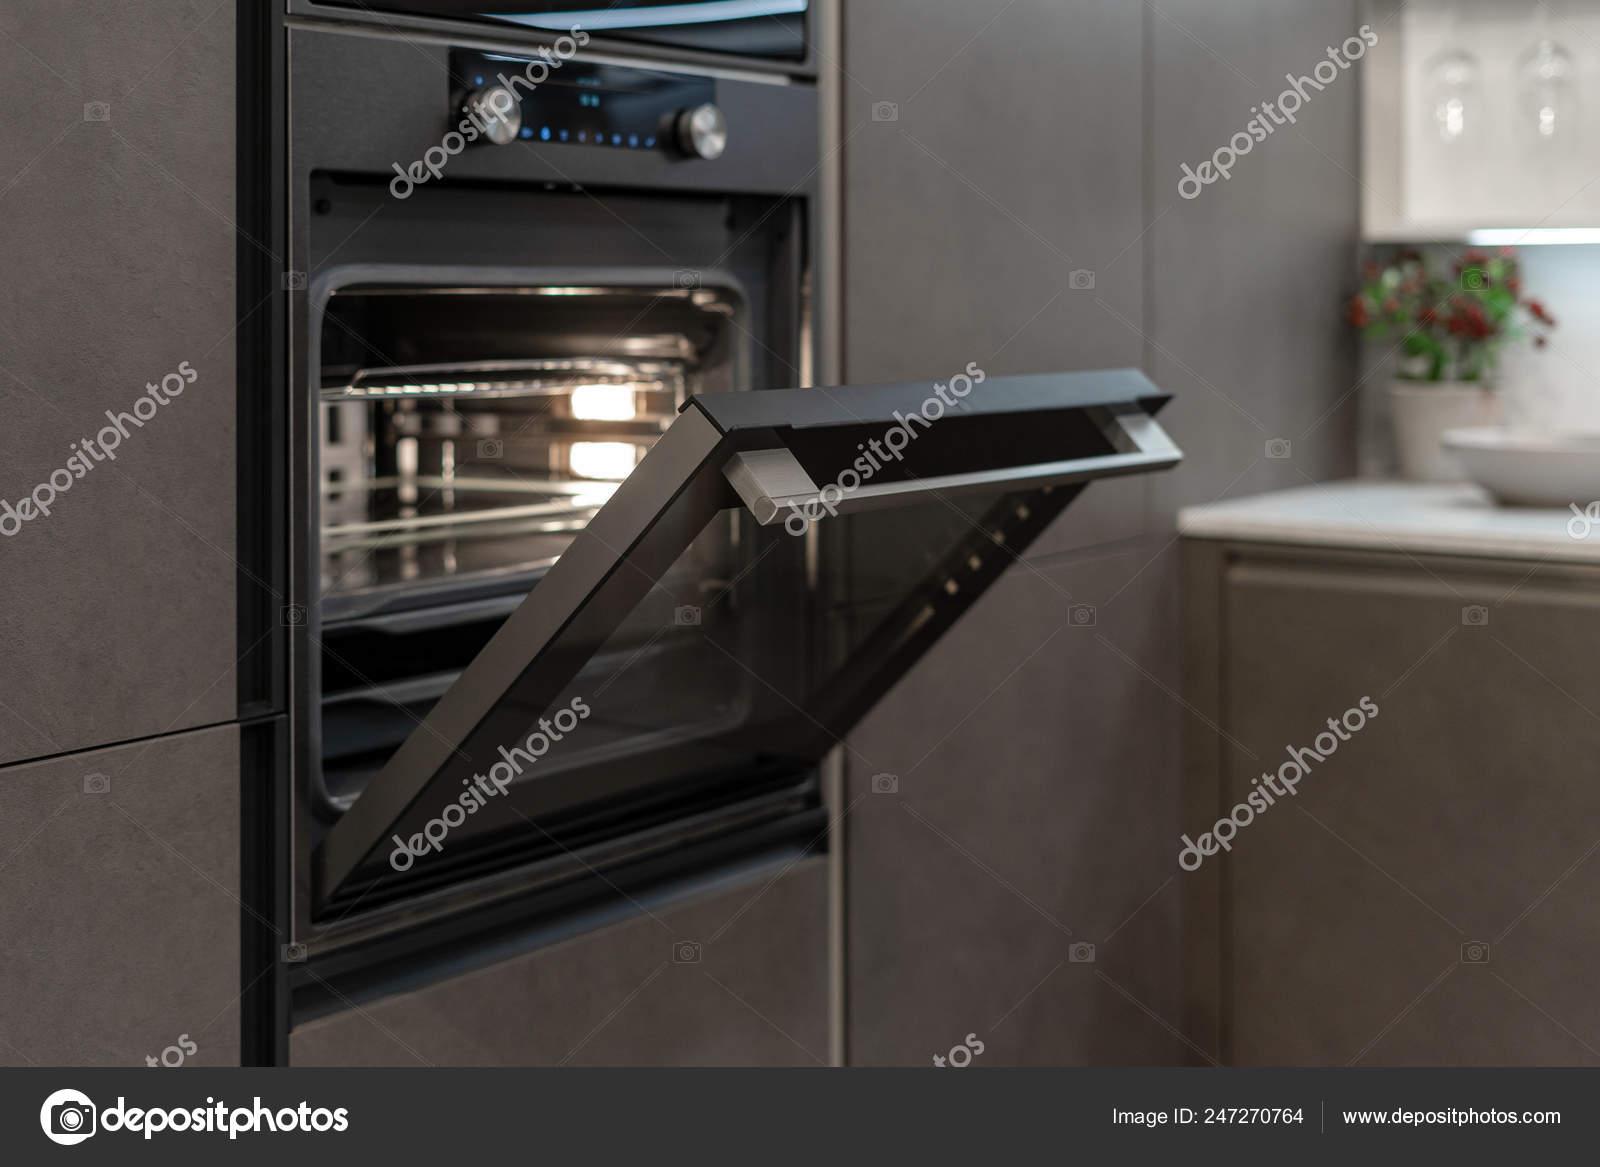 side view photo open door new modern built oven black stock photo image by c brizmaker 247270764